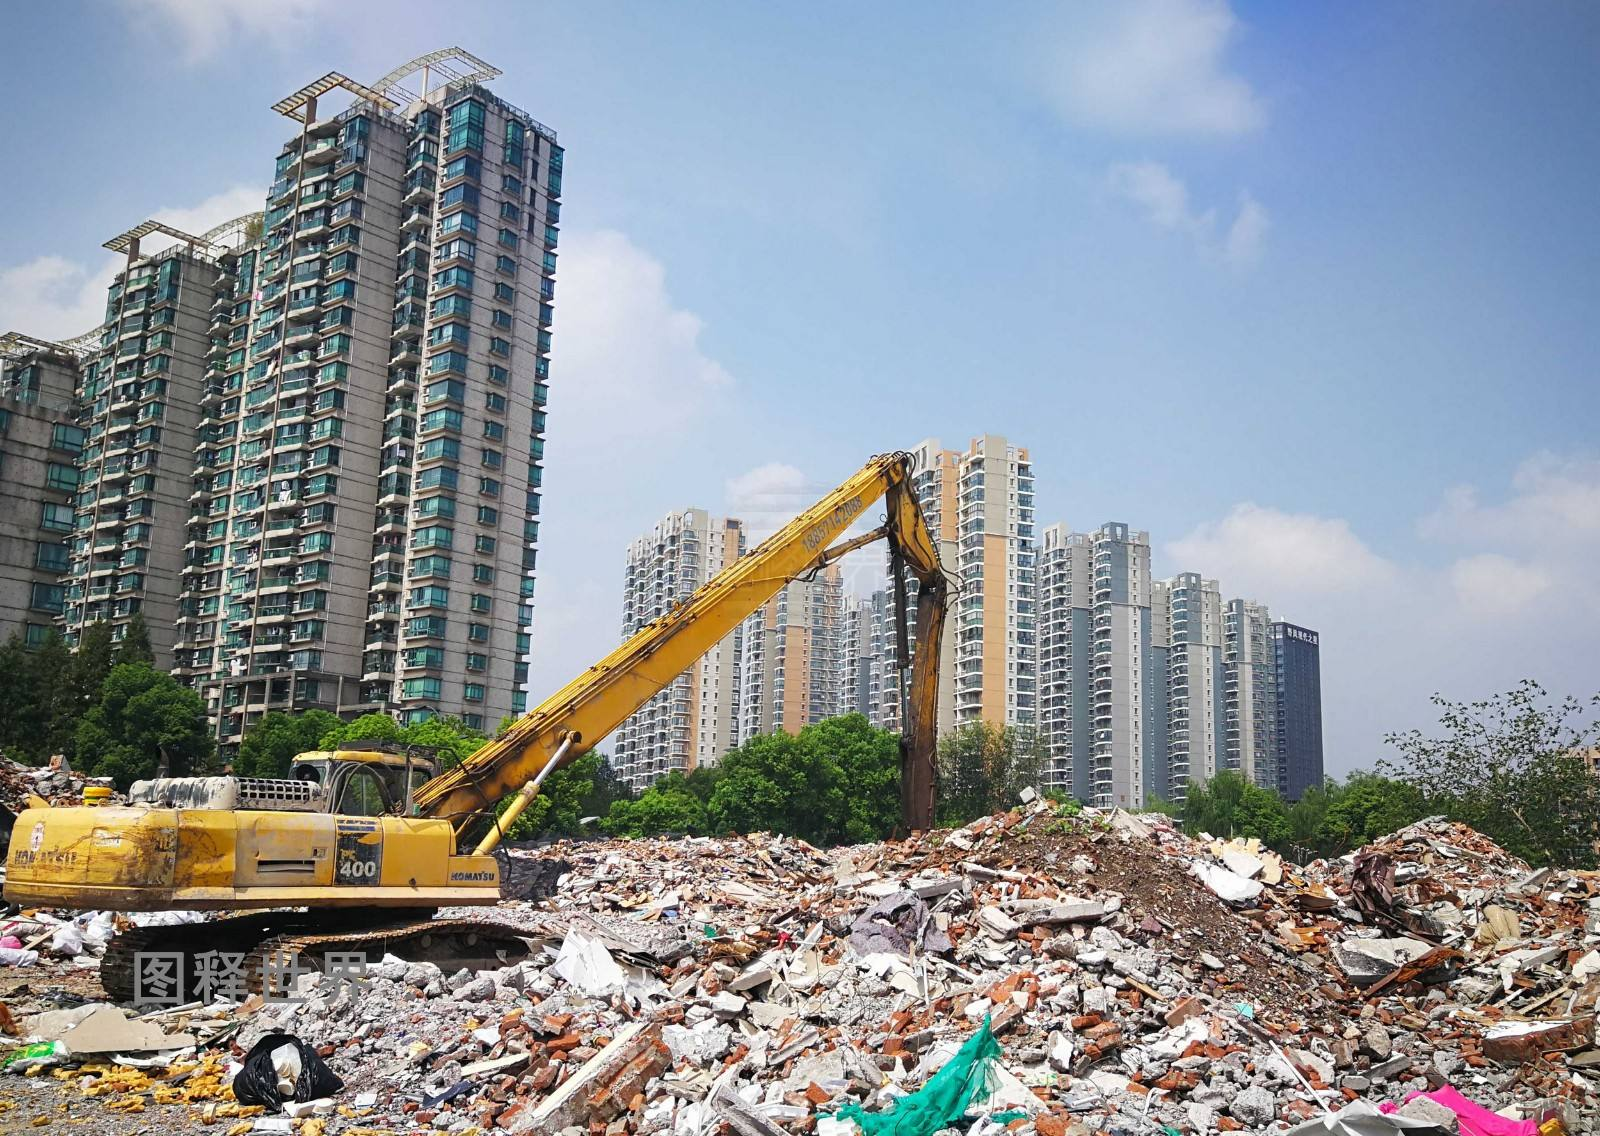 城镇房屋拆迁补偿新标准,来看看这个城市